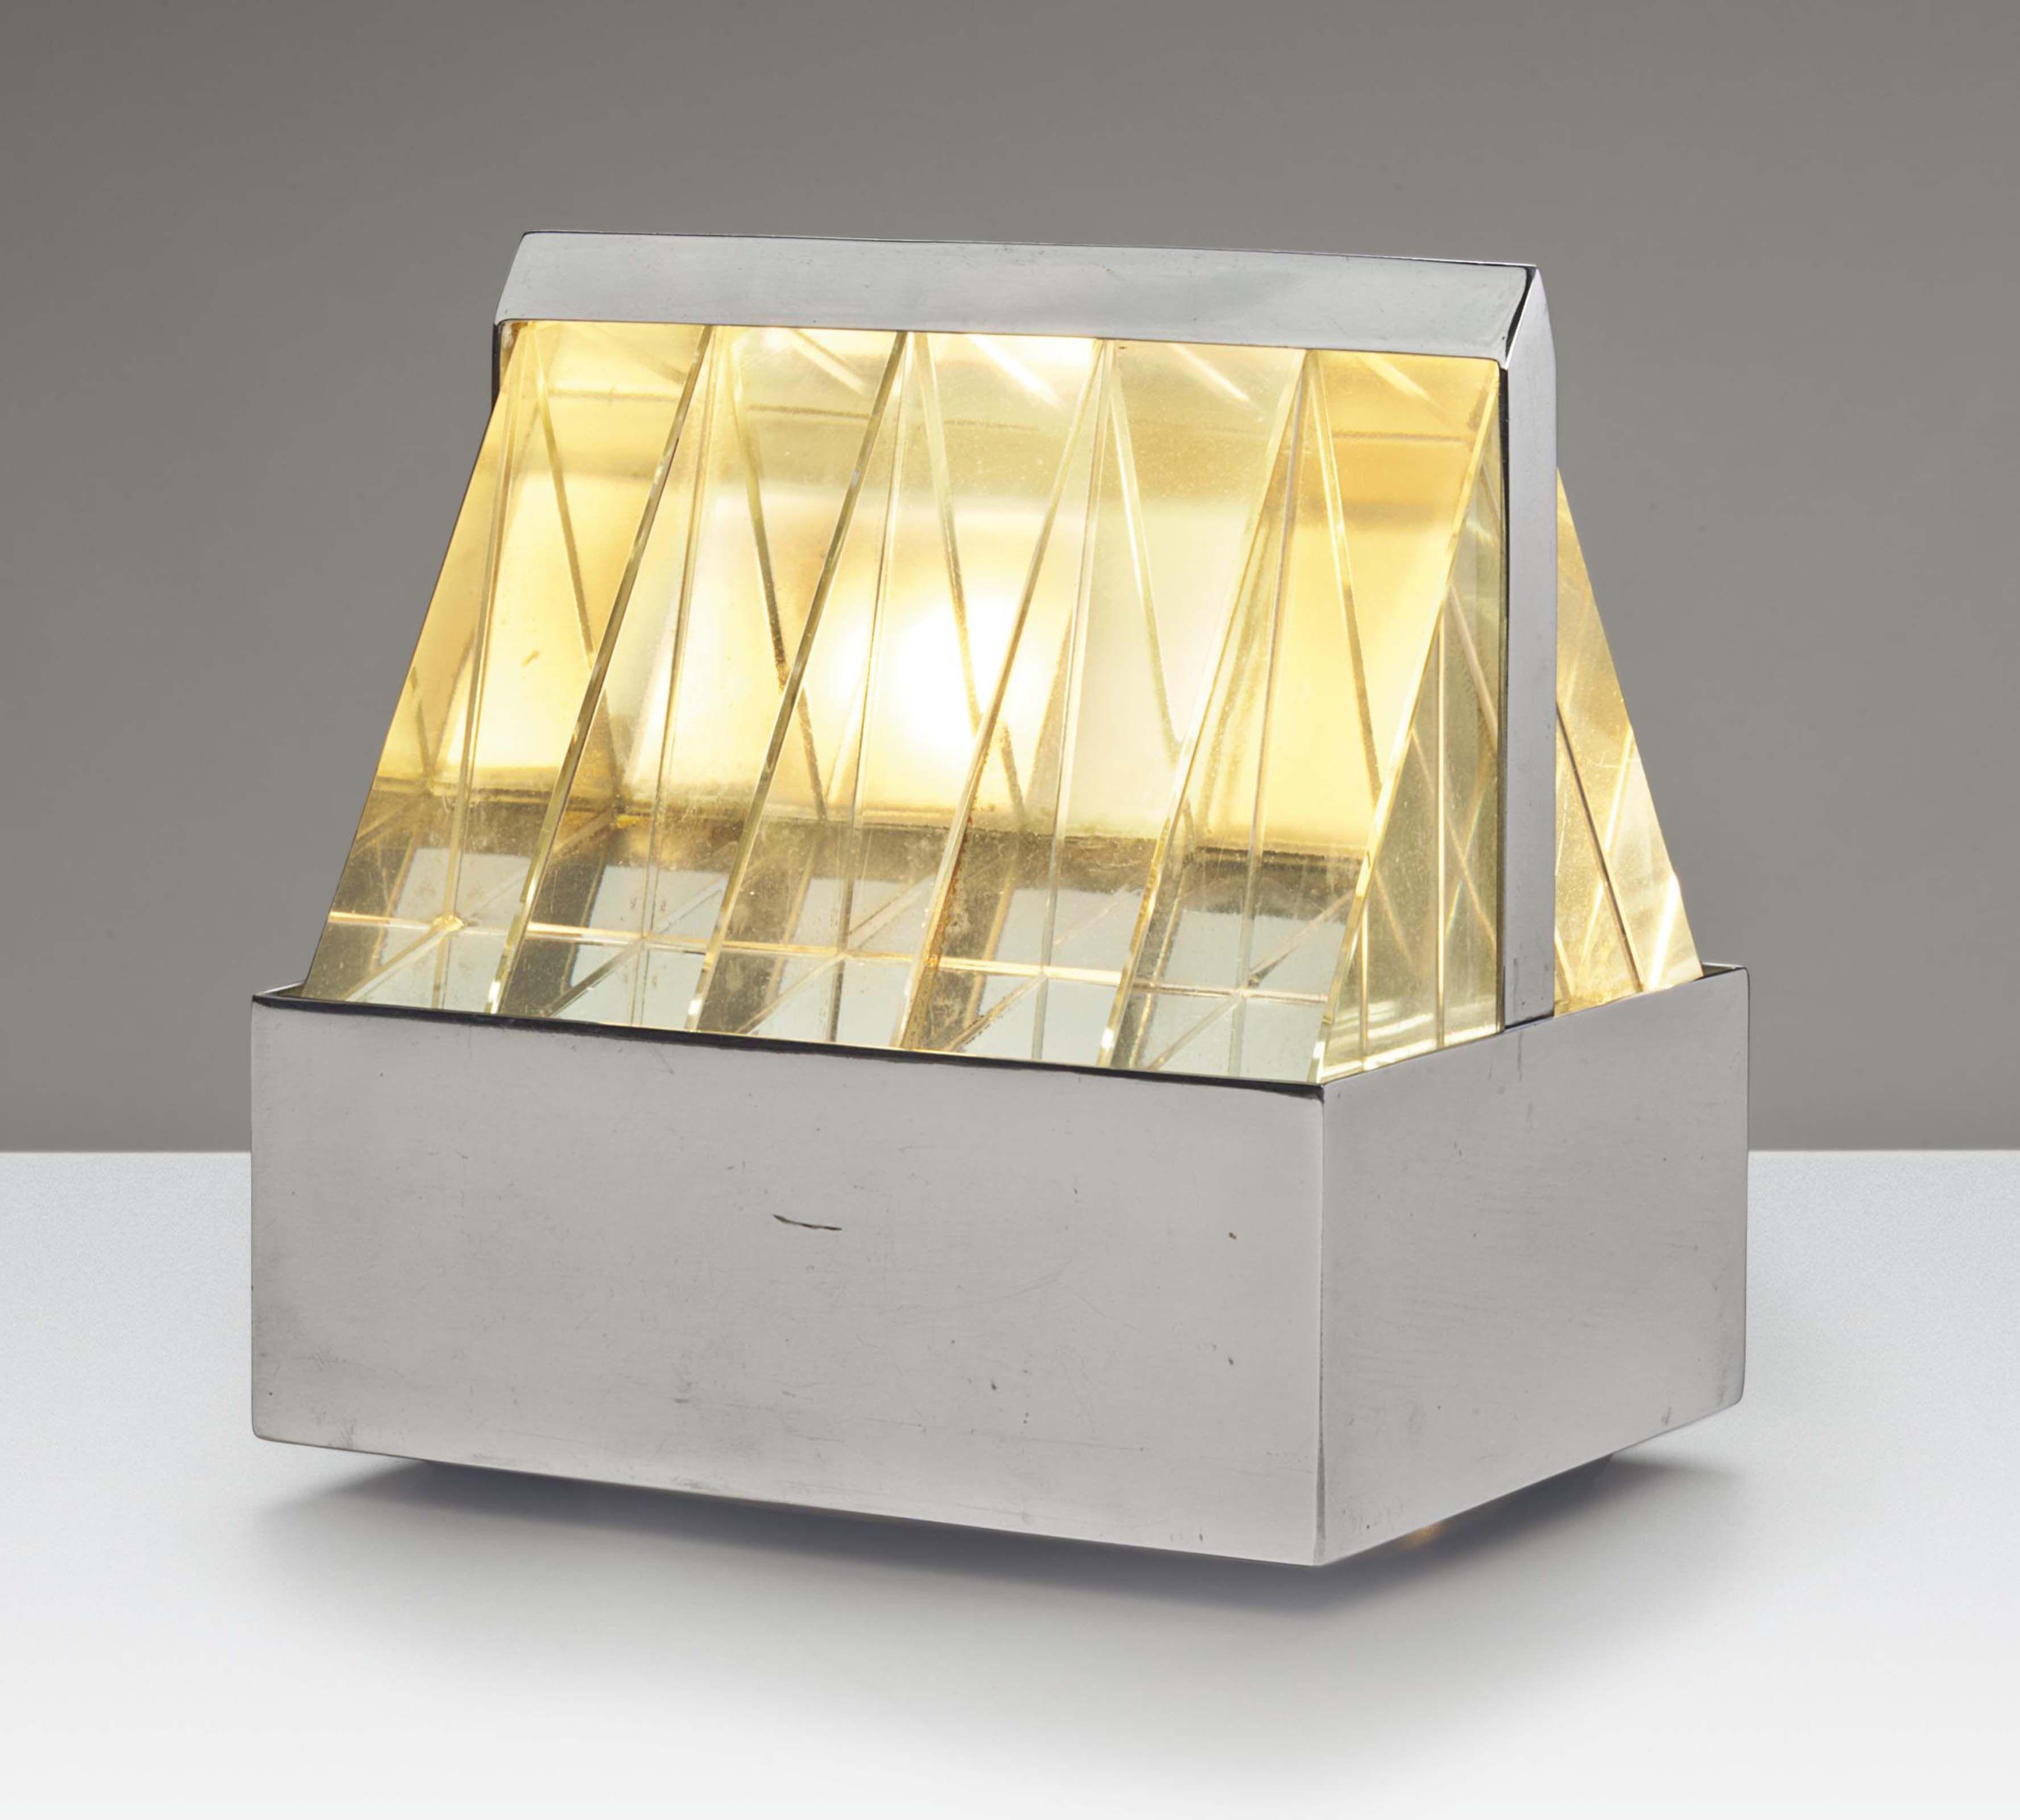 La Maison Desny A Table Light Circa 1927 1920s Table Lamp Christie S